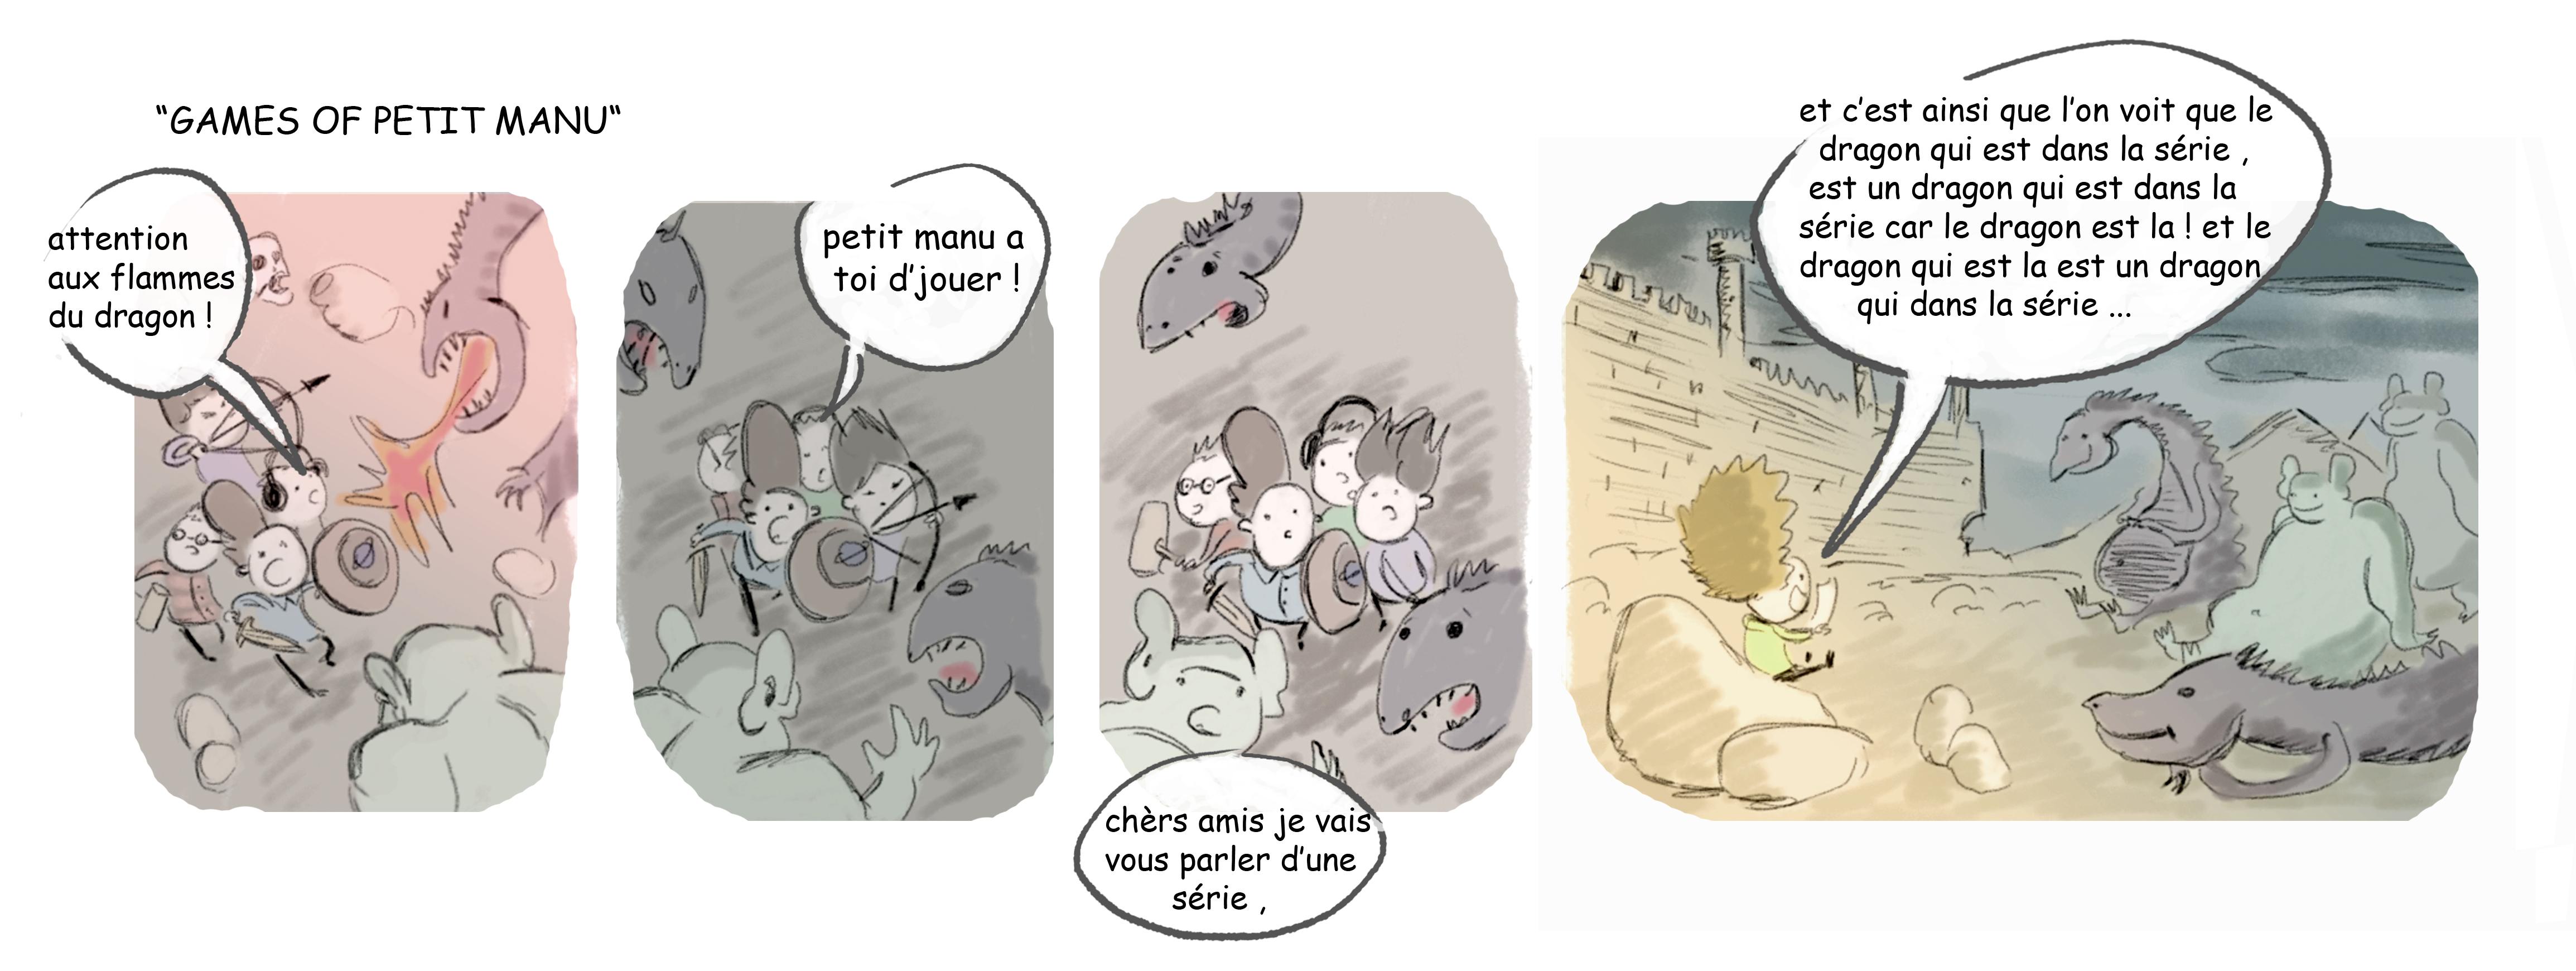 Games of Petit Manu